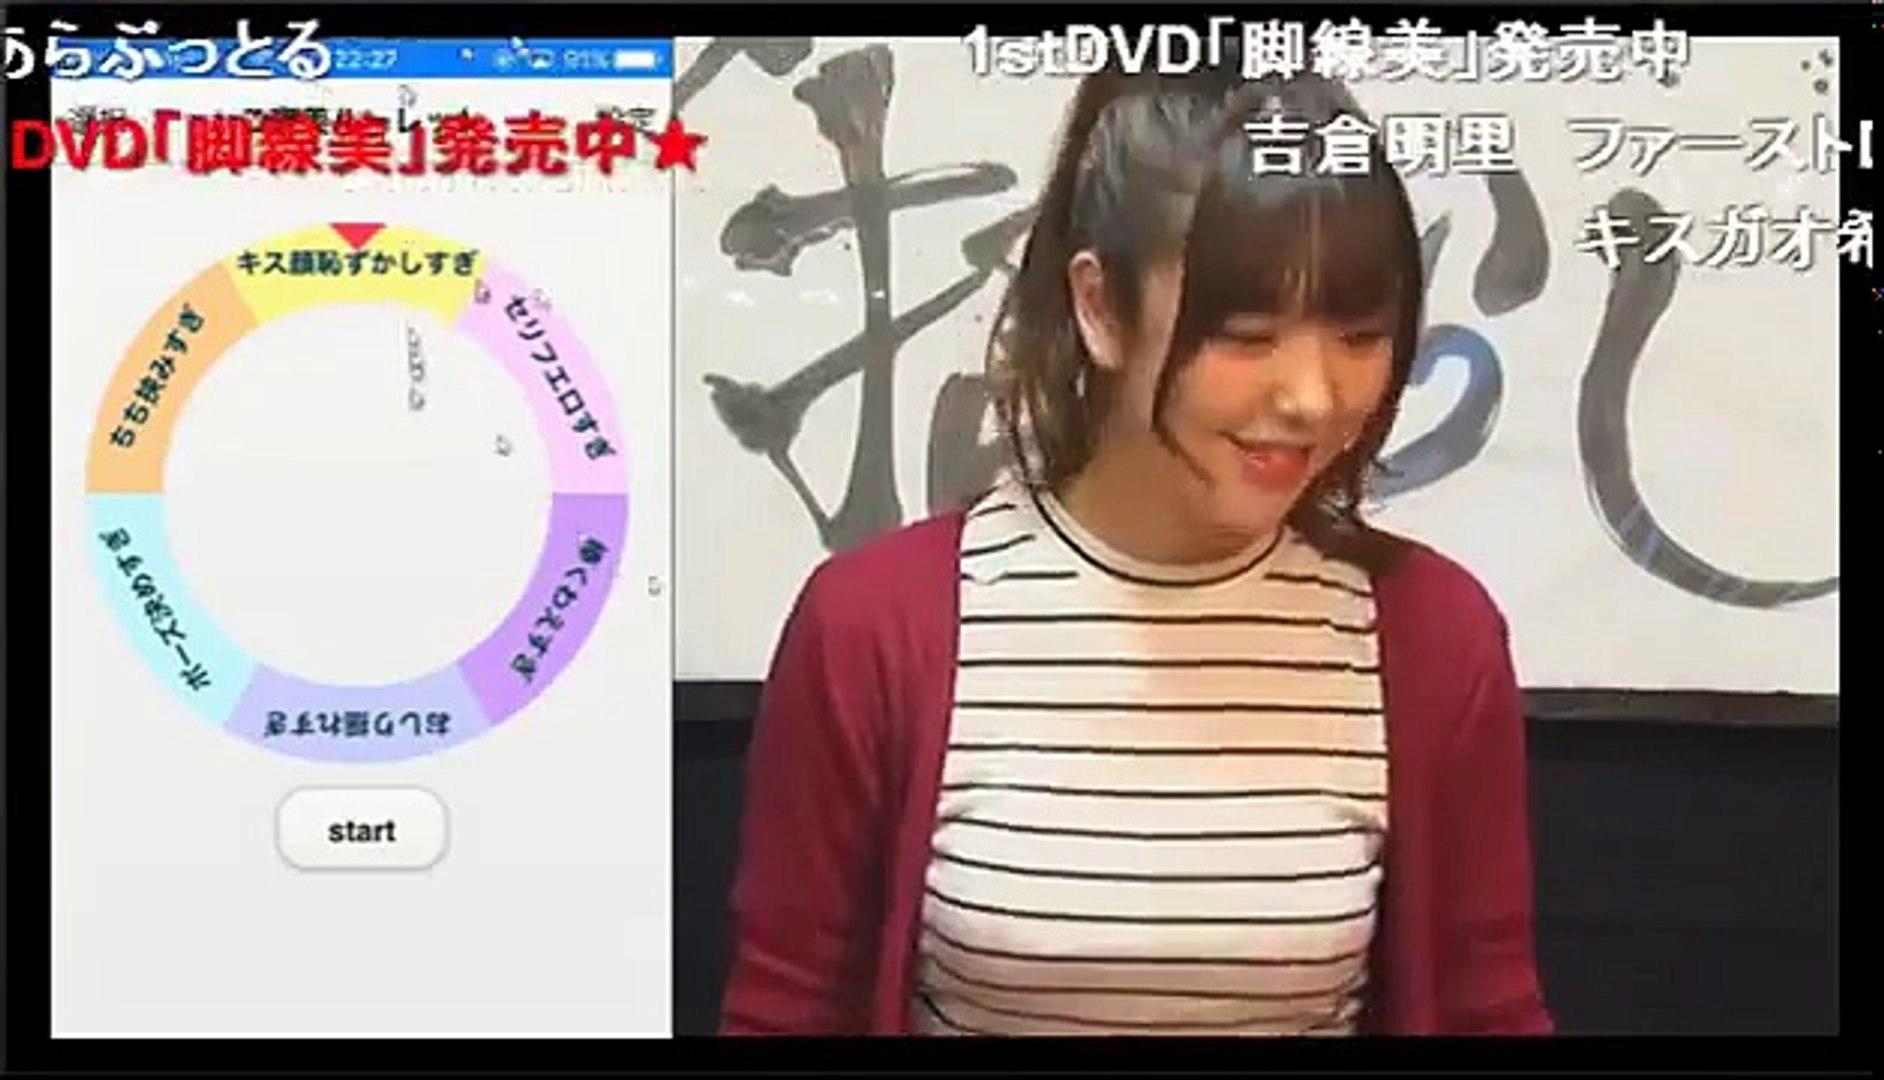 東京GODバラエティ - video dailymotion